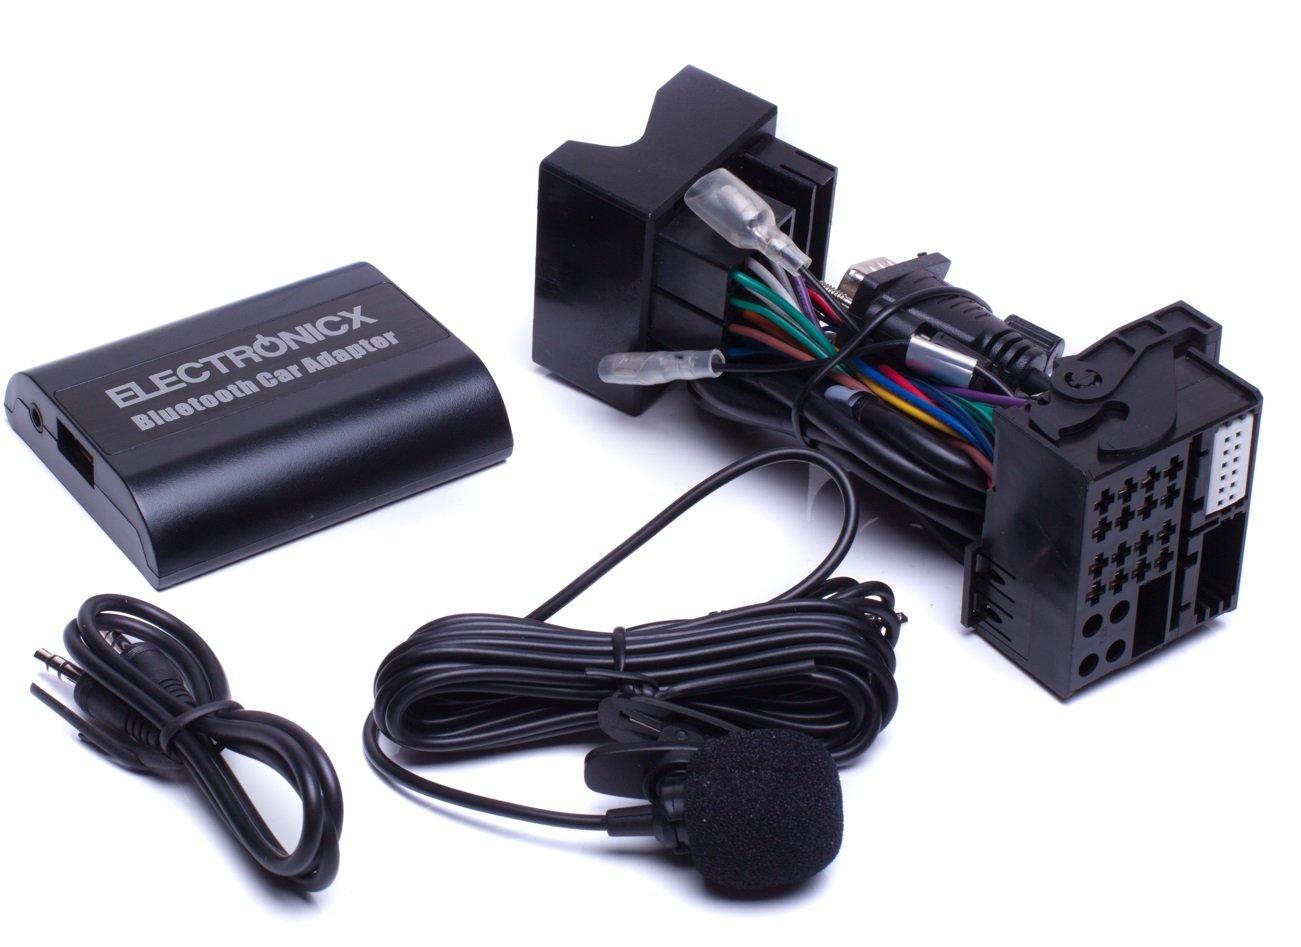 Adaptador de radio para coche auto carro manos libres bluetooth controlador de radio desde el volante AUX MP3 CD BMW 3 5 7 X5 series: Amazon.es: Electrónica